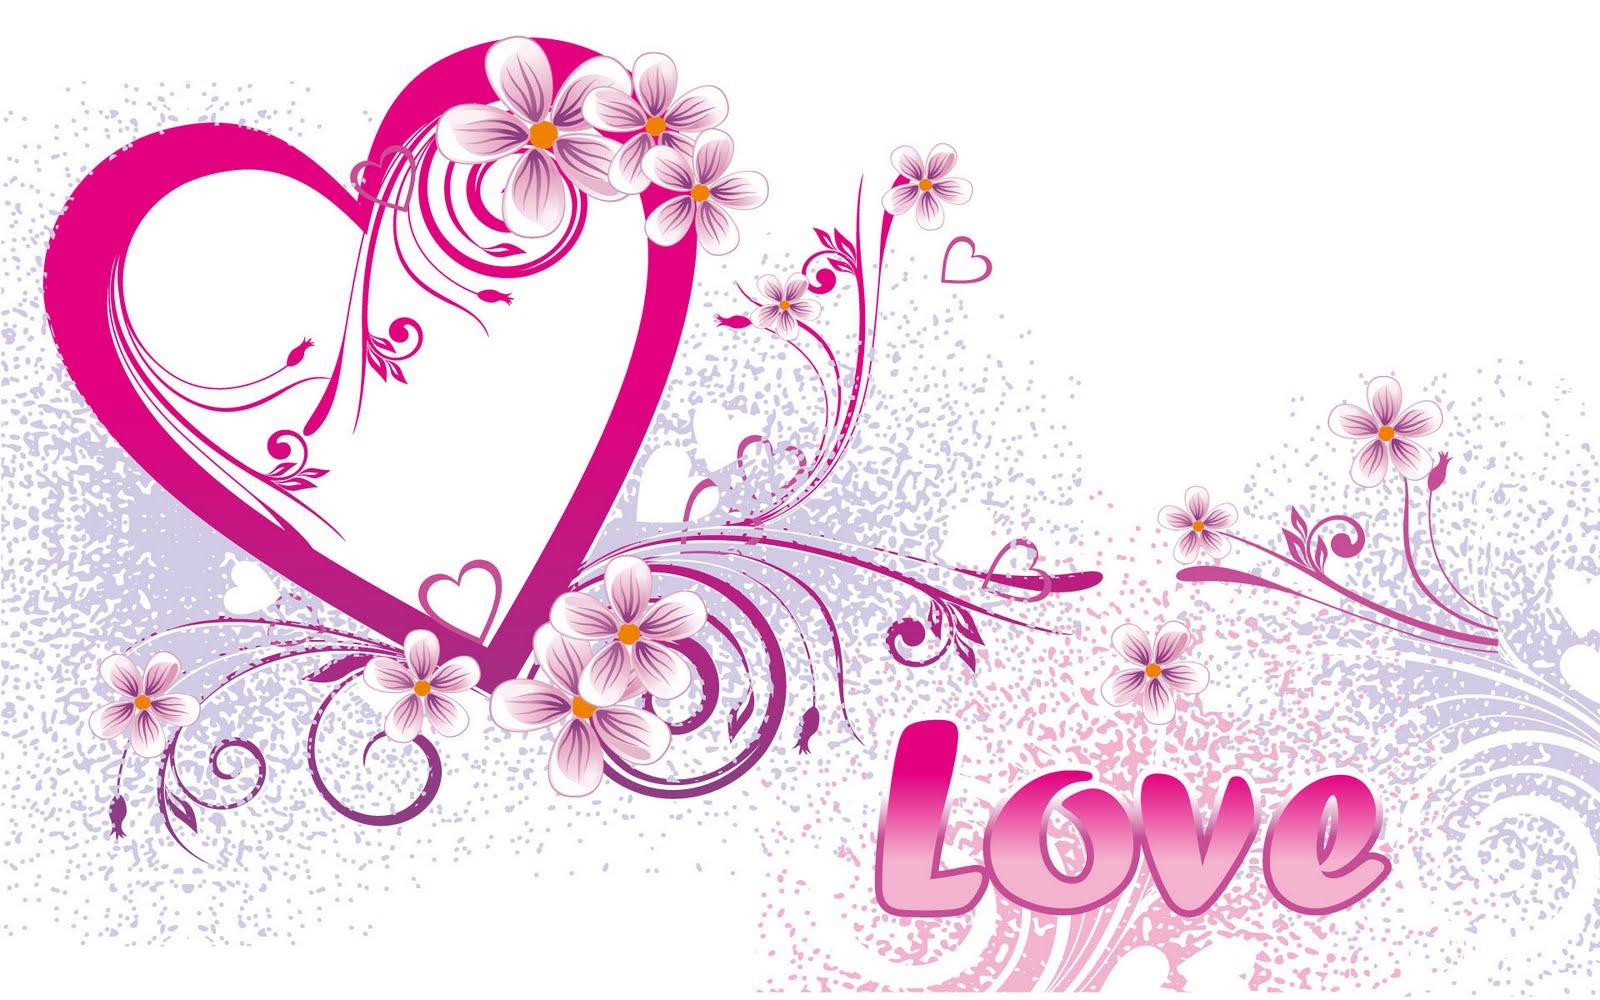 http://2.bp.blogspot.com/-ljwCD_38oCE/Tc7MPPK4wLI/AAAAAAAABjA/gEP87mk_N3Y/s1600/Love-wallpaper-love-4187632-1920-1200.jpg